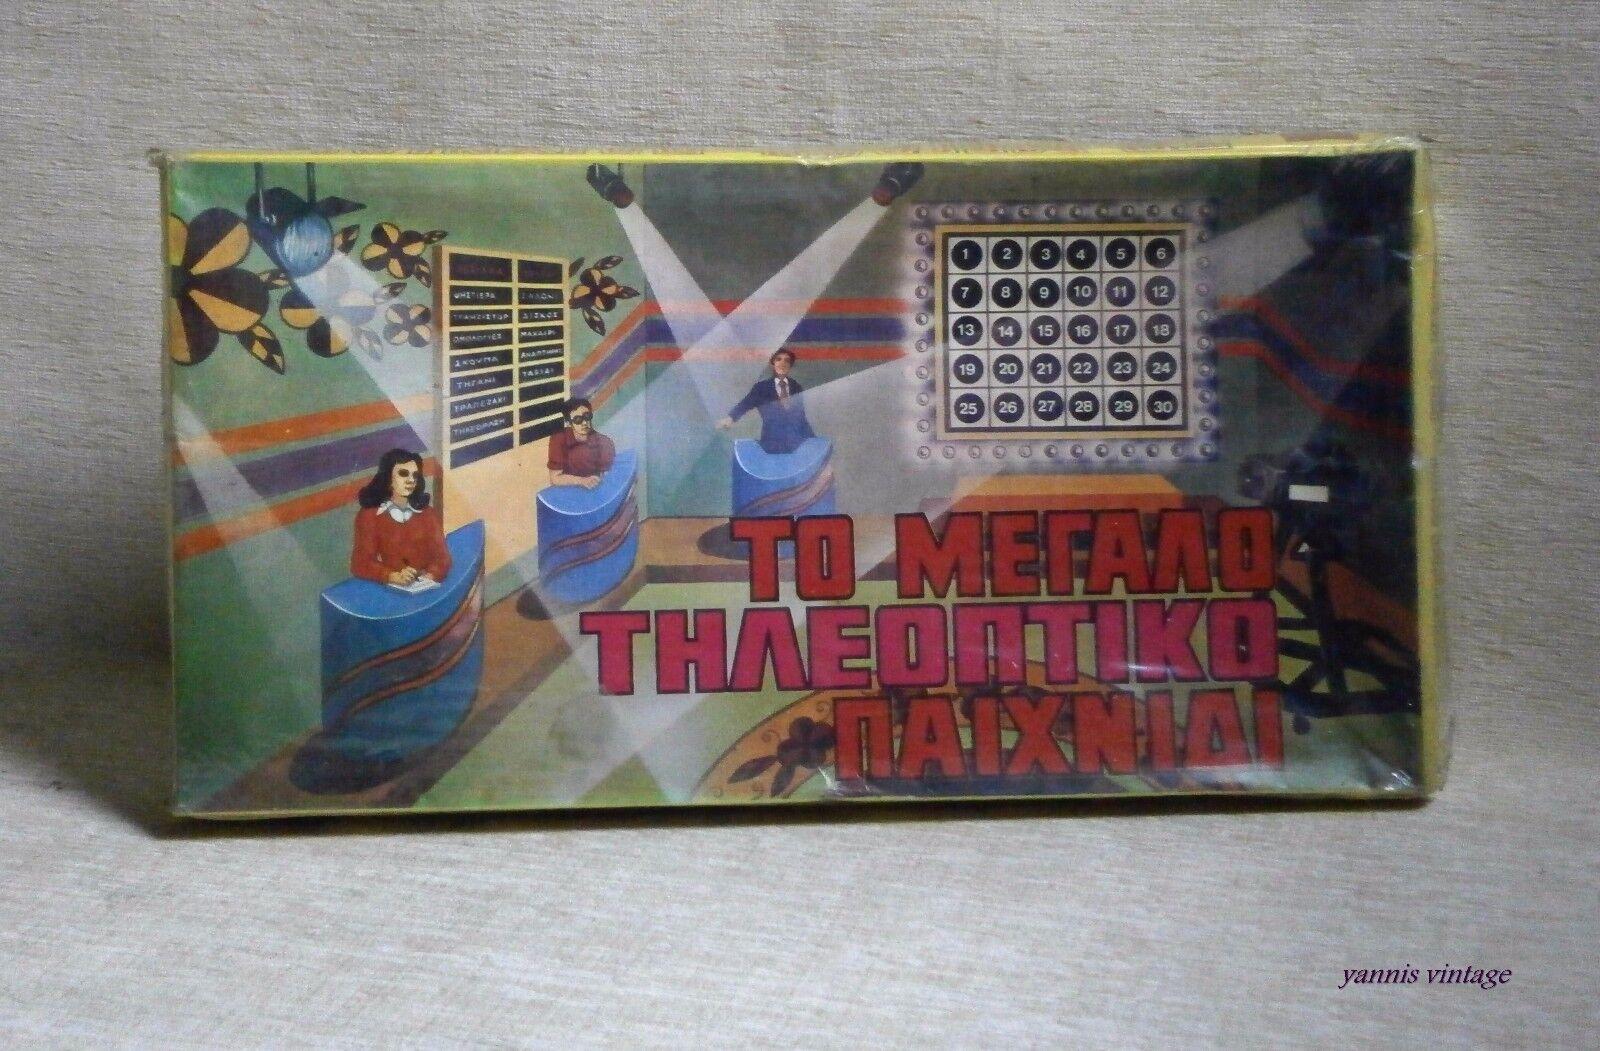 suministro de productos de calidad  para Megalo Megalo Megalo paihnidi  Y en Caja Sellada Juego De Mesa Grecia katsaropoulos años 70 griego show de TV  marcas de diseñadores baratos